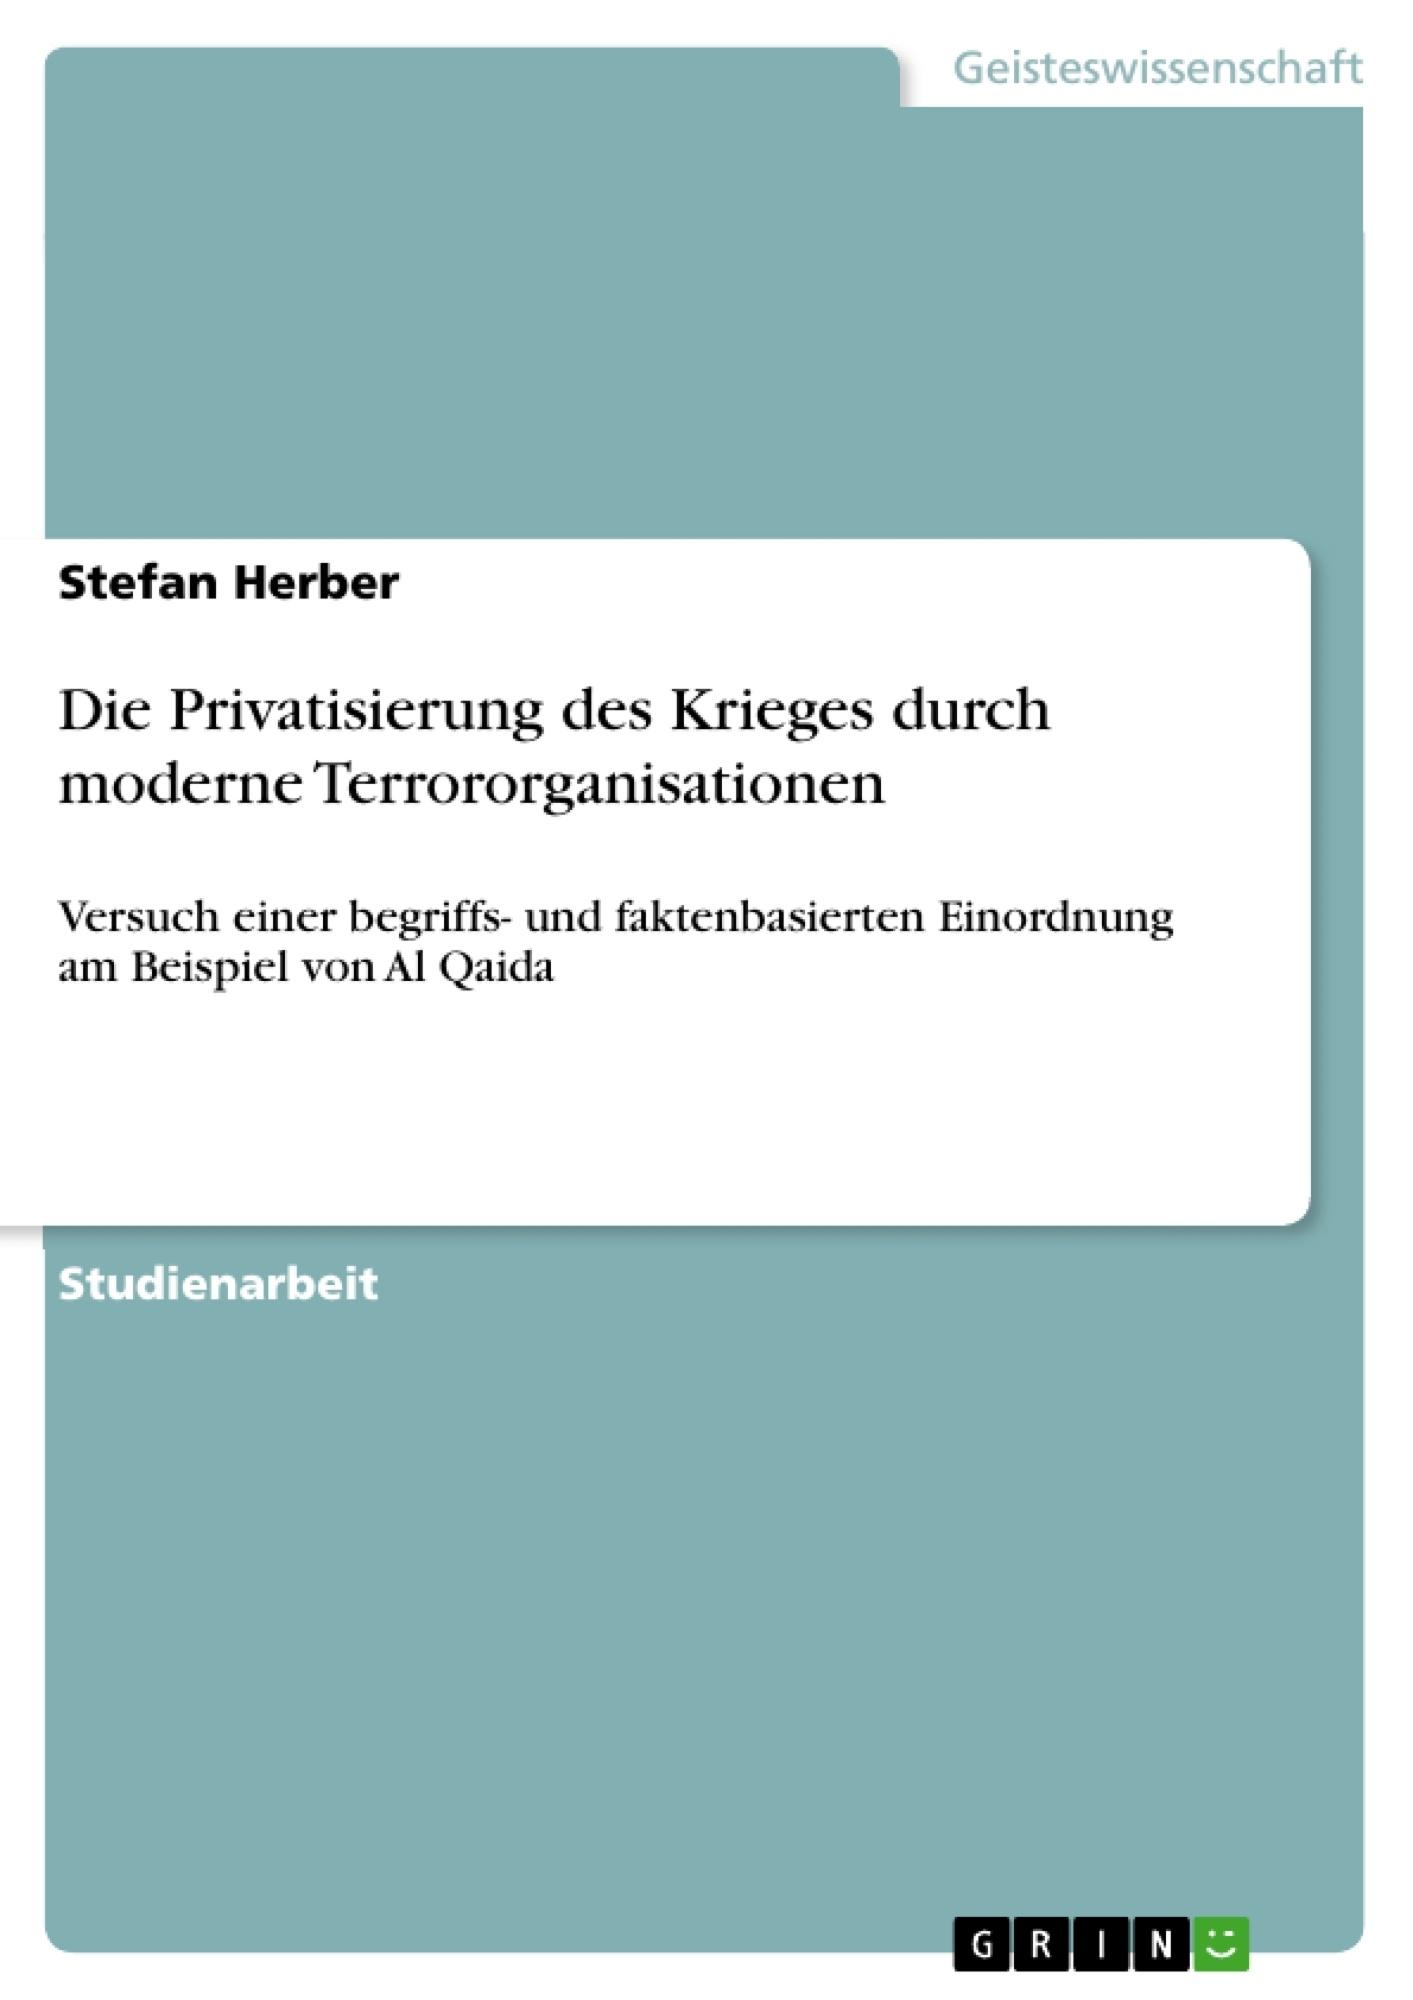 Titel: Die Privatisierung des Krieges durch moderne Terrororganisationen